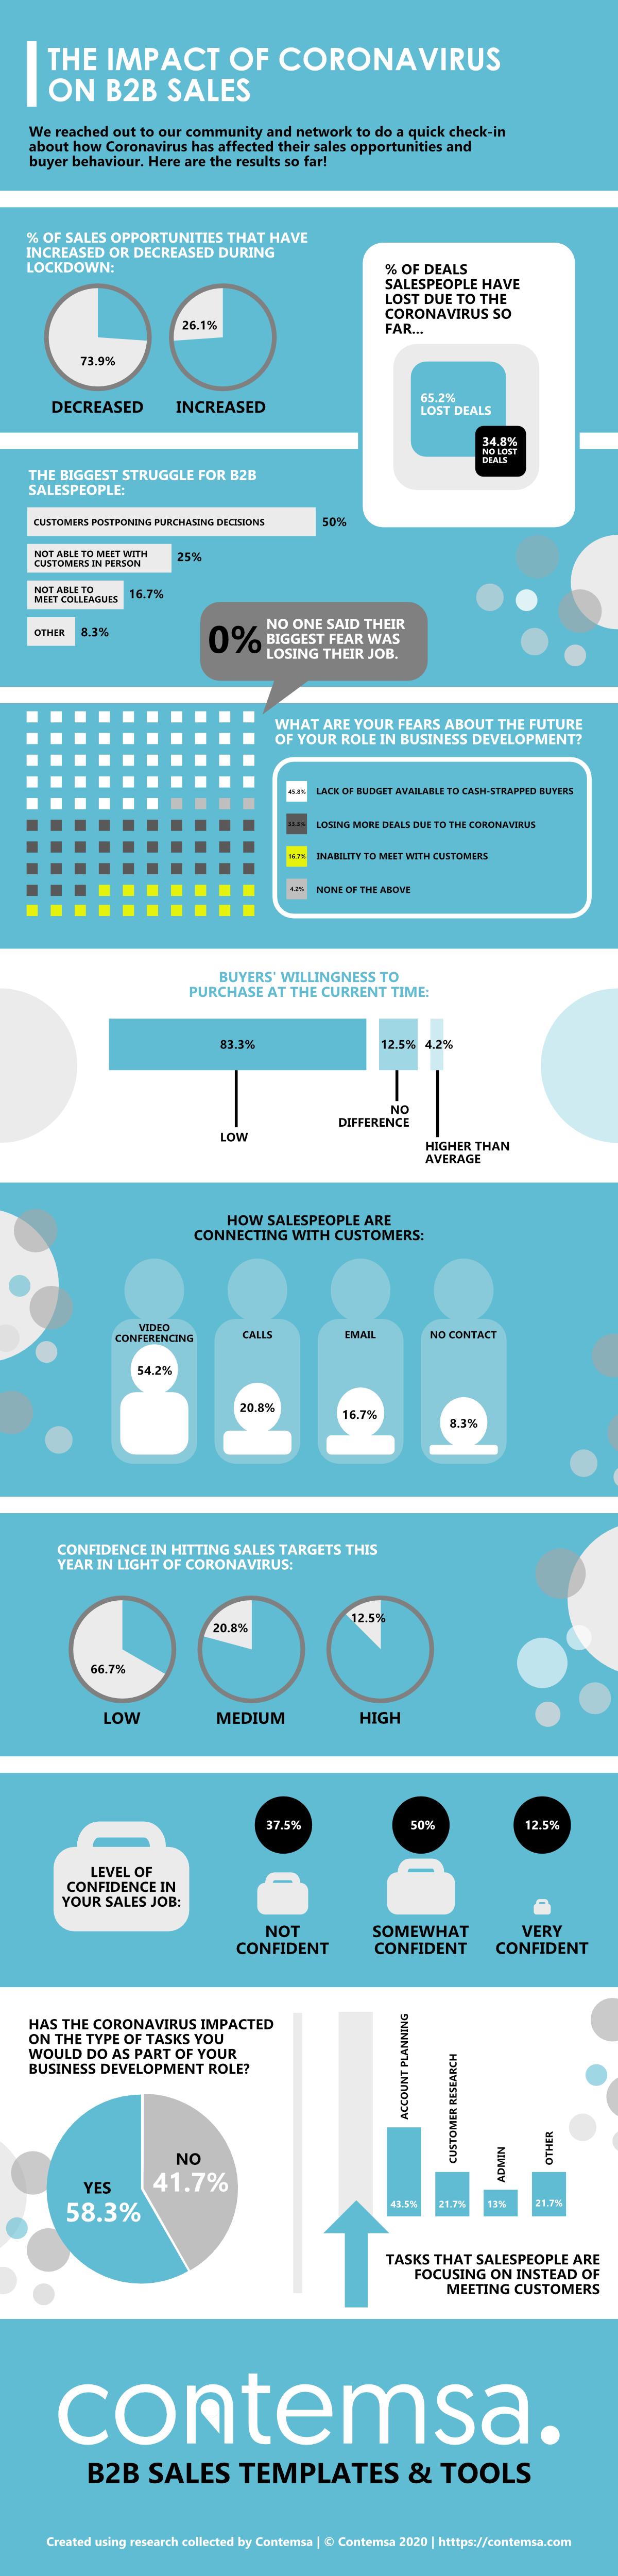 B2B Sales Impact of Coronavirus [Infographic]